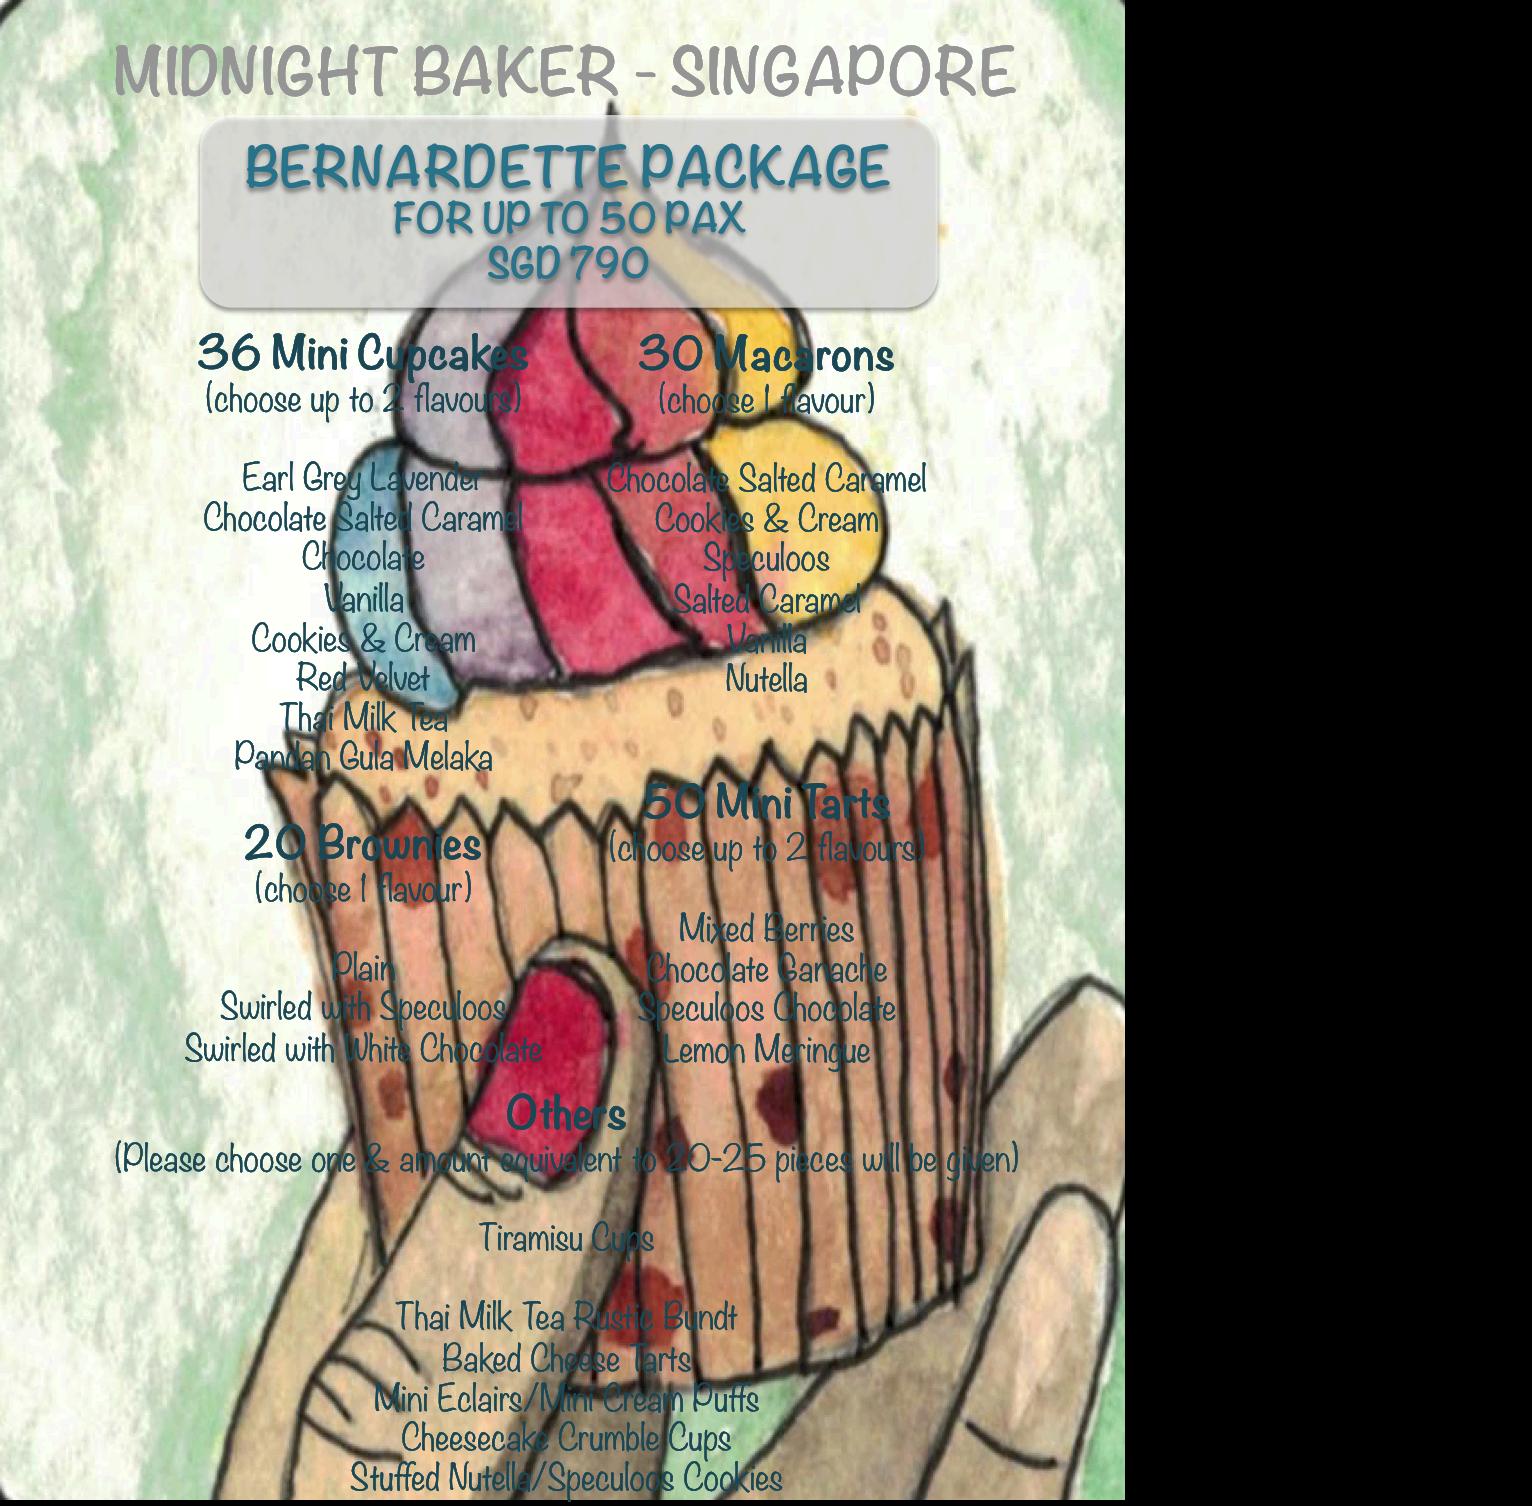 MidnightBaker-Bernardette Package.png